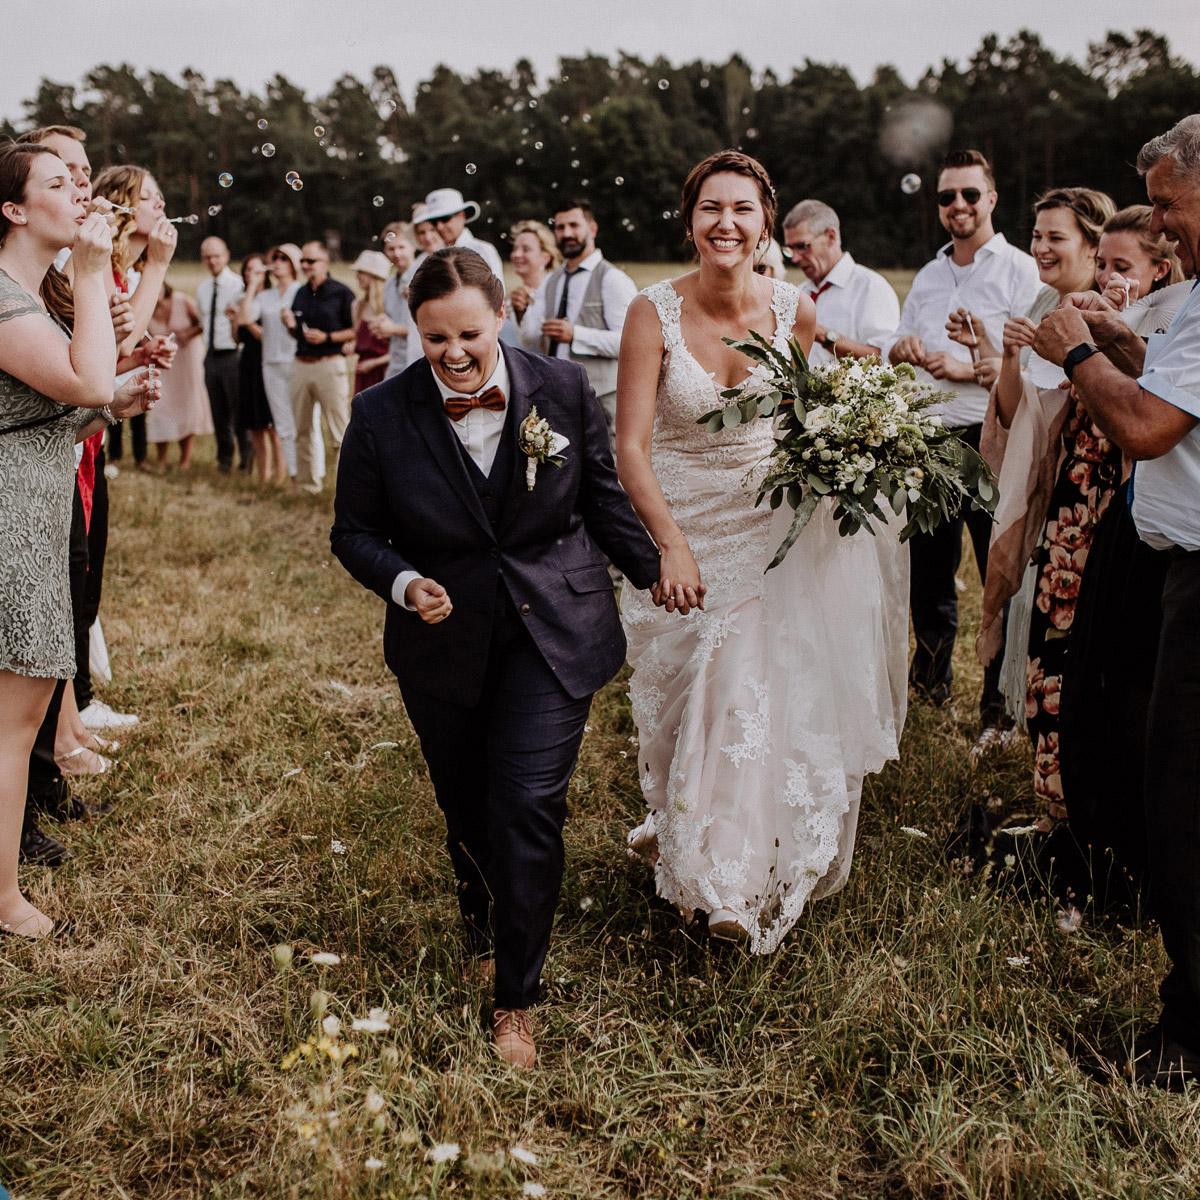 Gleichgeschlechtliche Hochzeit Frauen: zwei Bräute beim Auszug nach Trauung auf Feld in Nähe Hochzeitslocation Gut Sarnow in Brandenburg von Hochzeitsfotograf Berlin © www.hochzeitslicht.de #hochzeitslicht